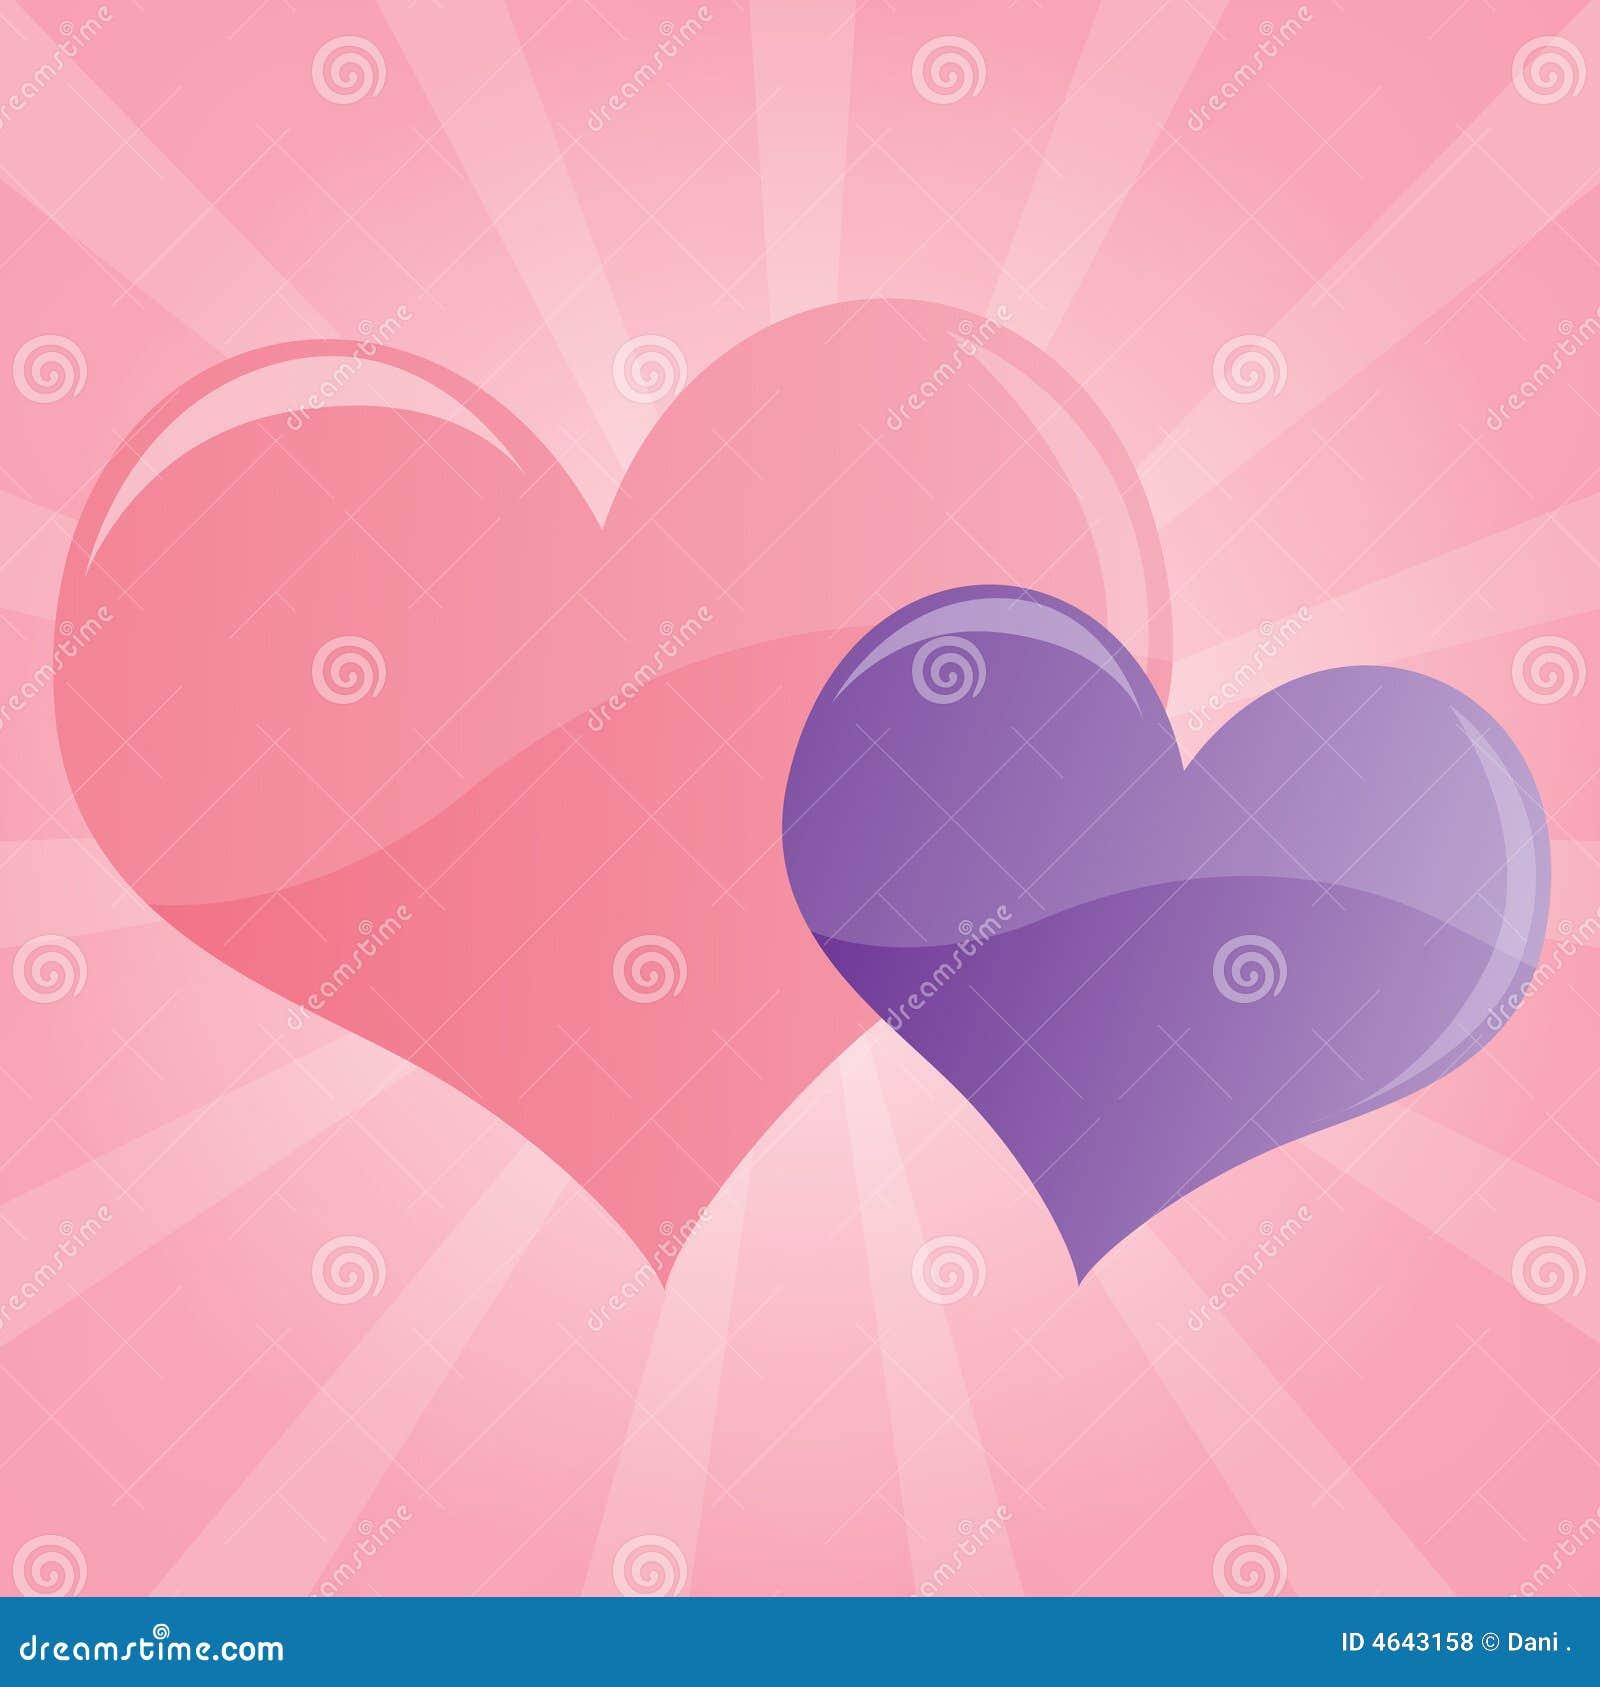 corazones de colores fondo - photo #45